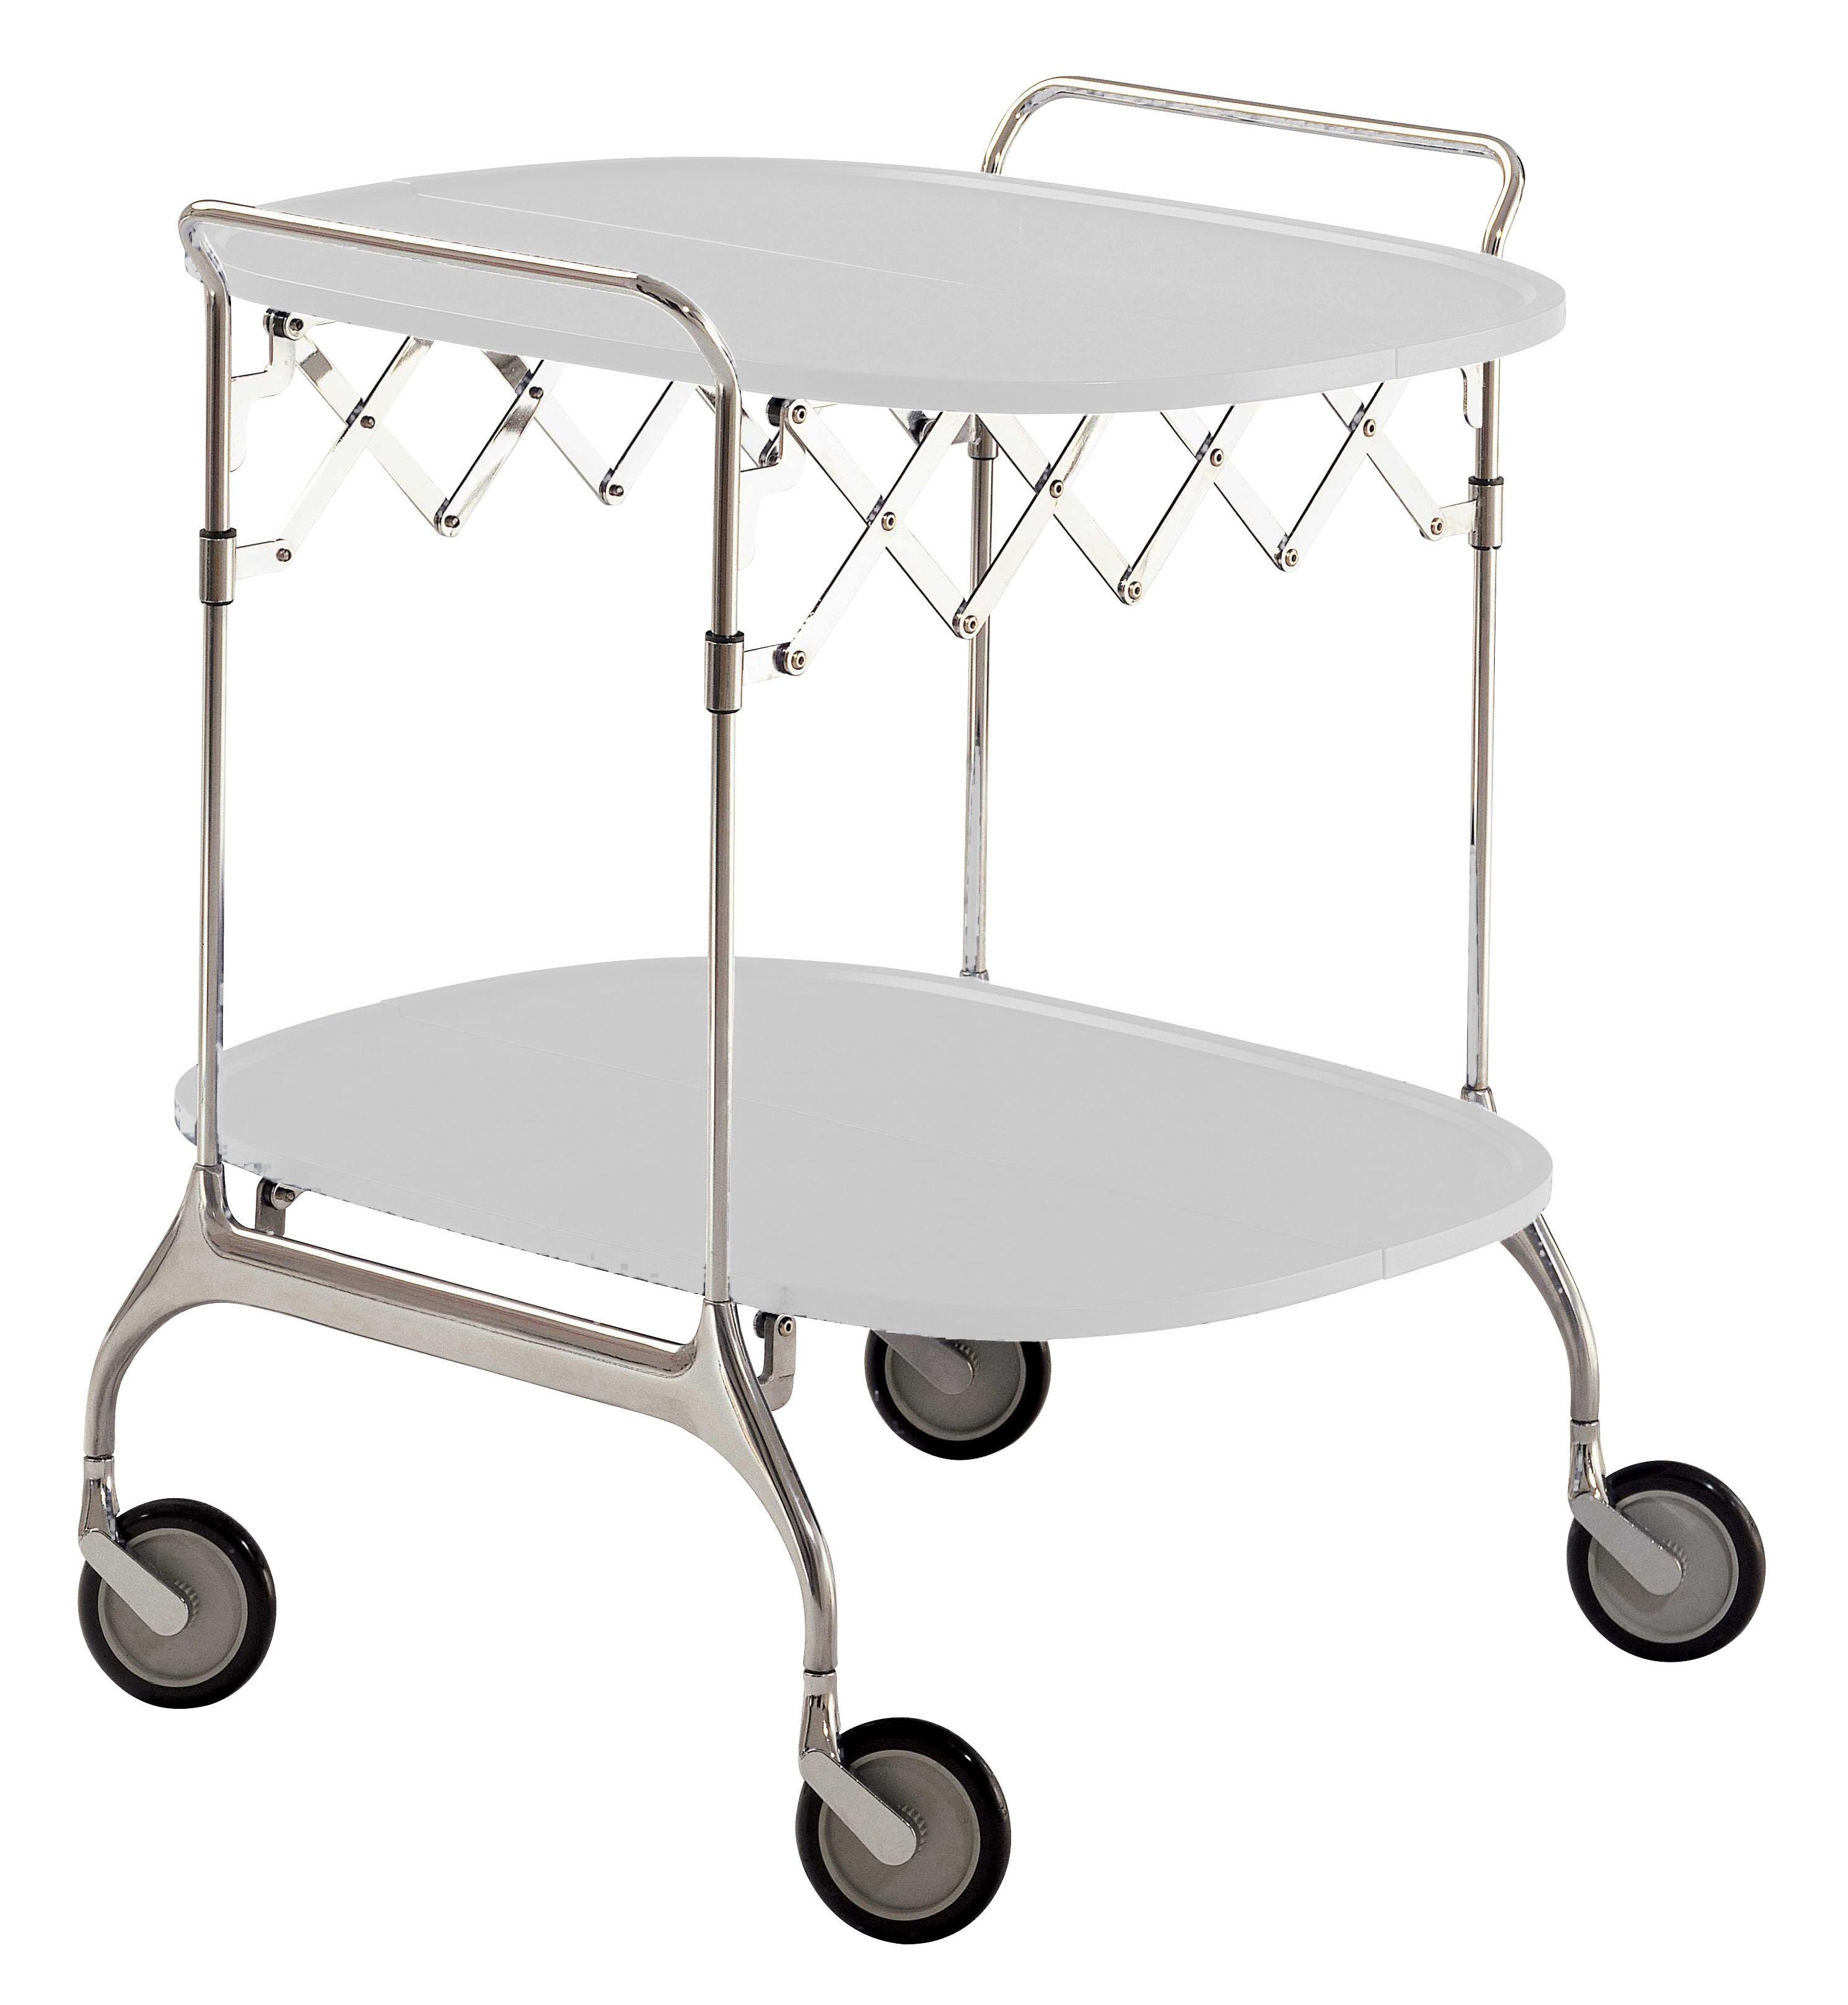 Gastone carrello tavolo d 39 appoggio bianco by kartell for Tavolo d appoggio